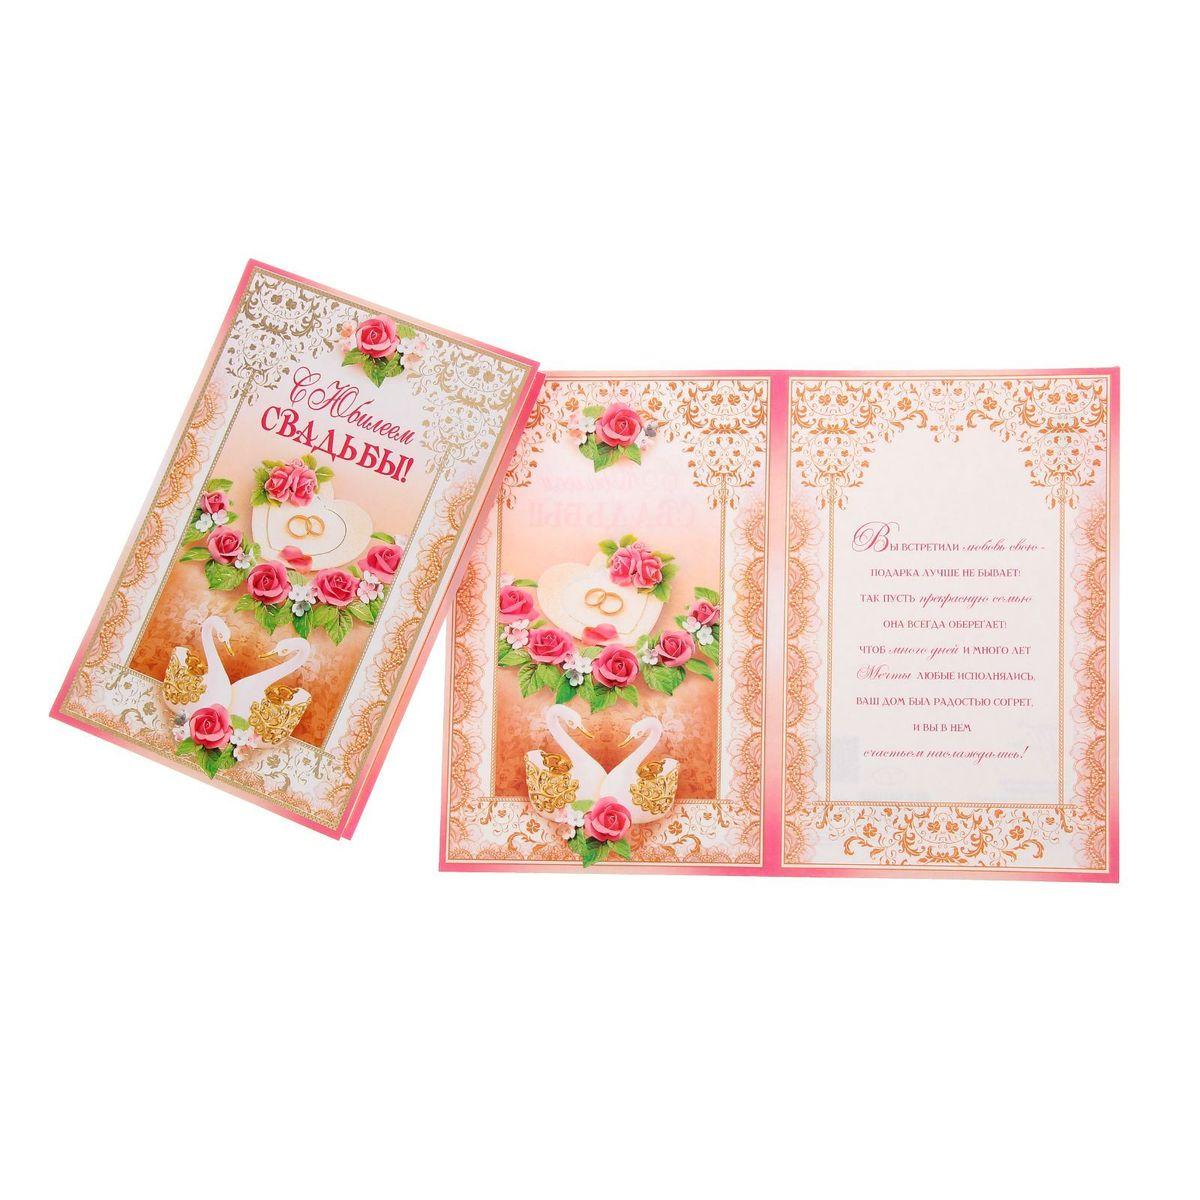 Открытка Русский дизайн С Юбилеем Свадьбы! Лебеди, А5 ою 0002 открытка конверт с юбилеем студия тётя роза